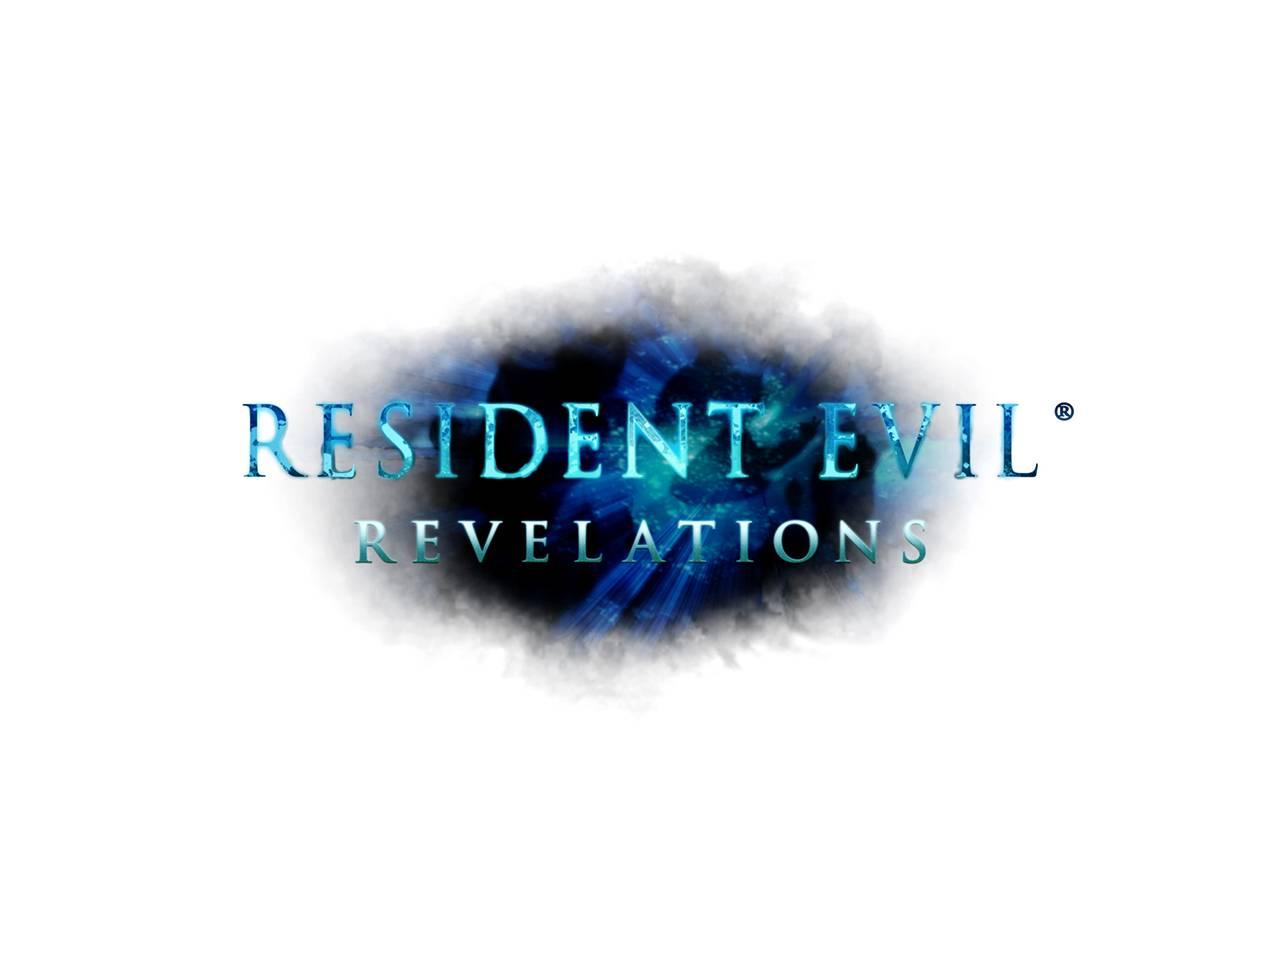 resident_evil_revelation_wallpaper_hd